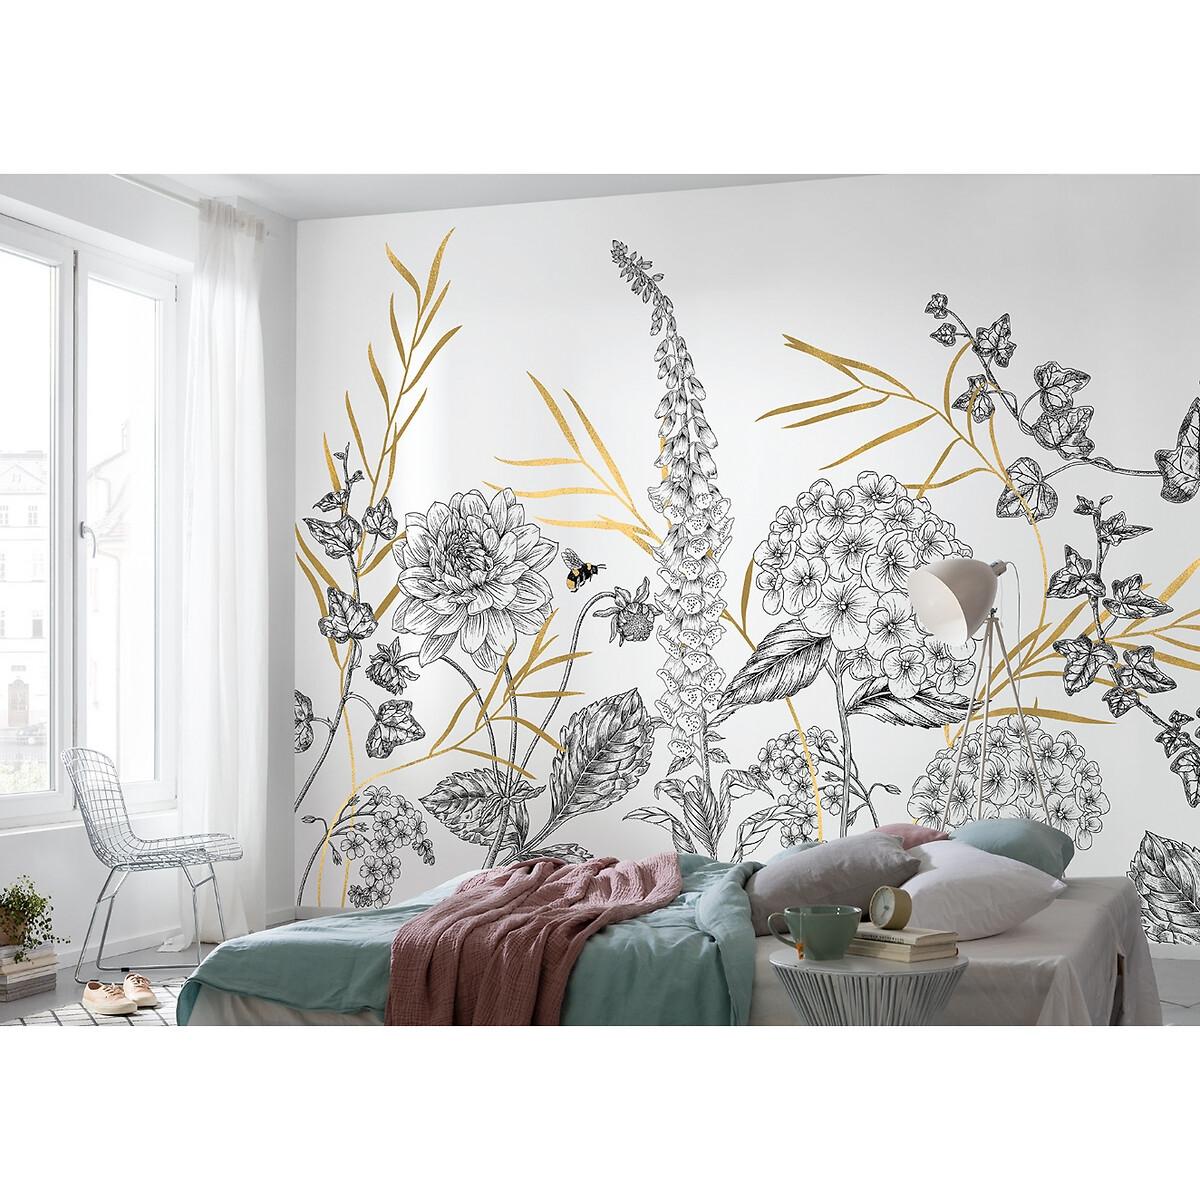 INTERELIFE - Interelife Papel de parede foto mural Bumble Bee, da Interelife